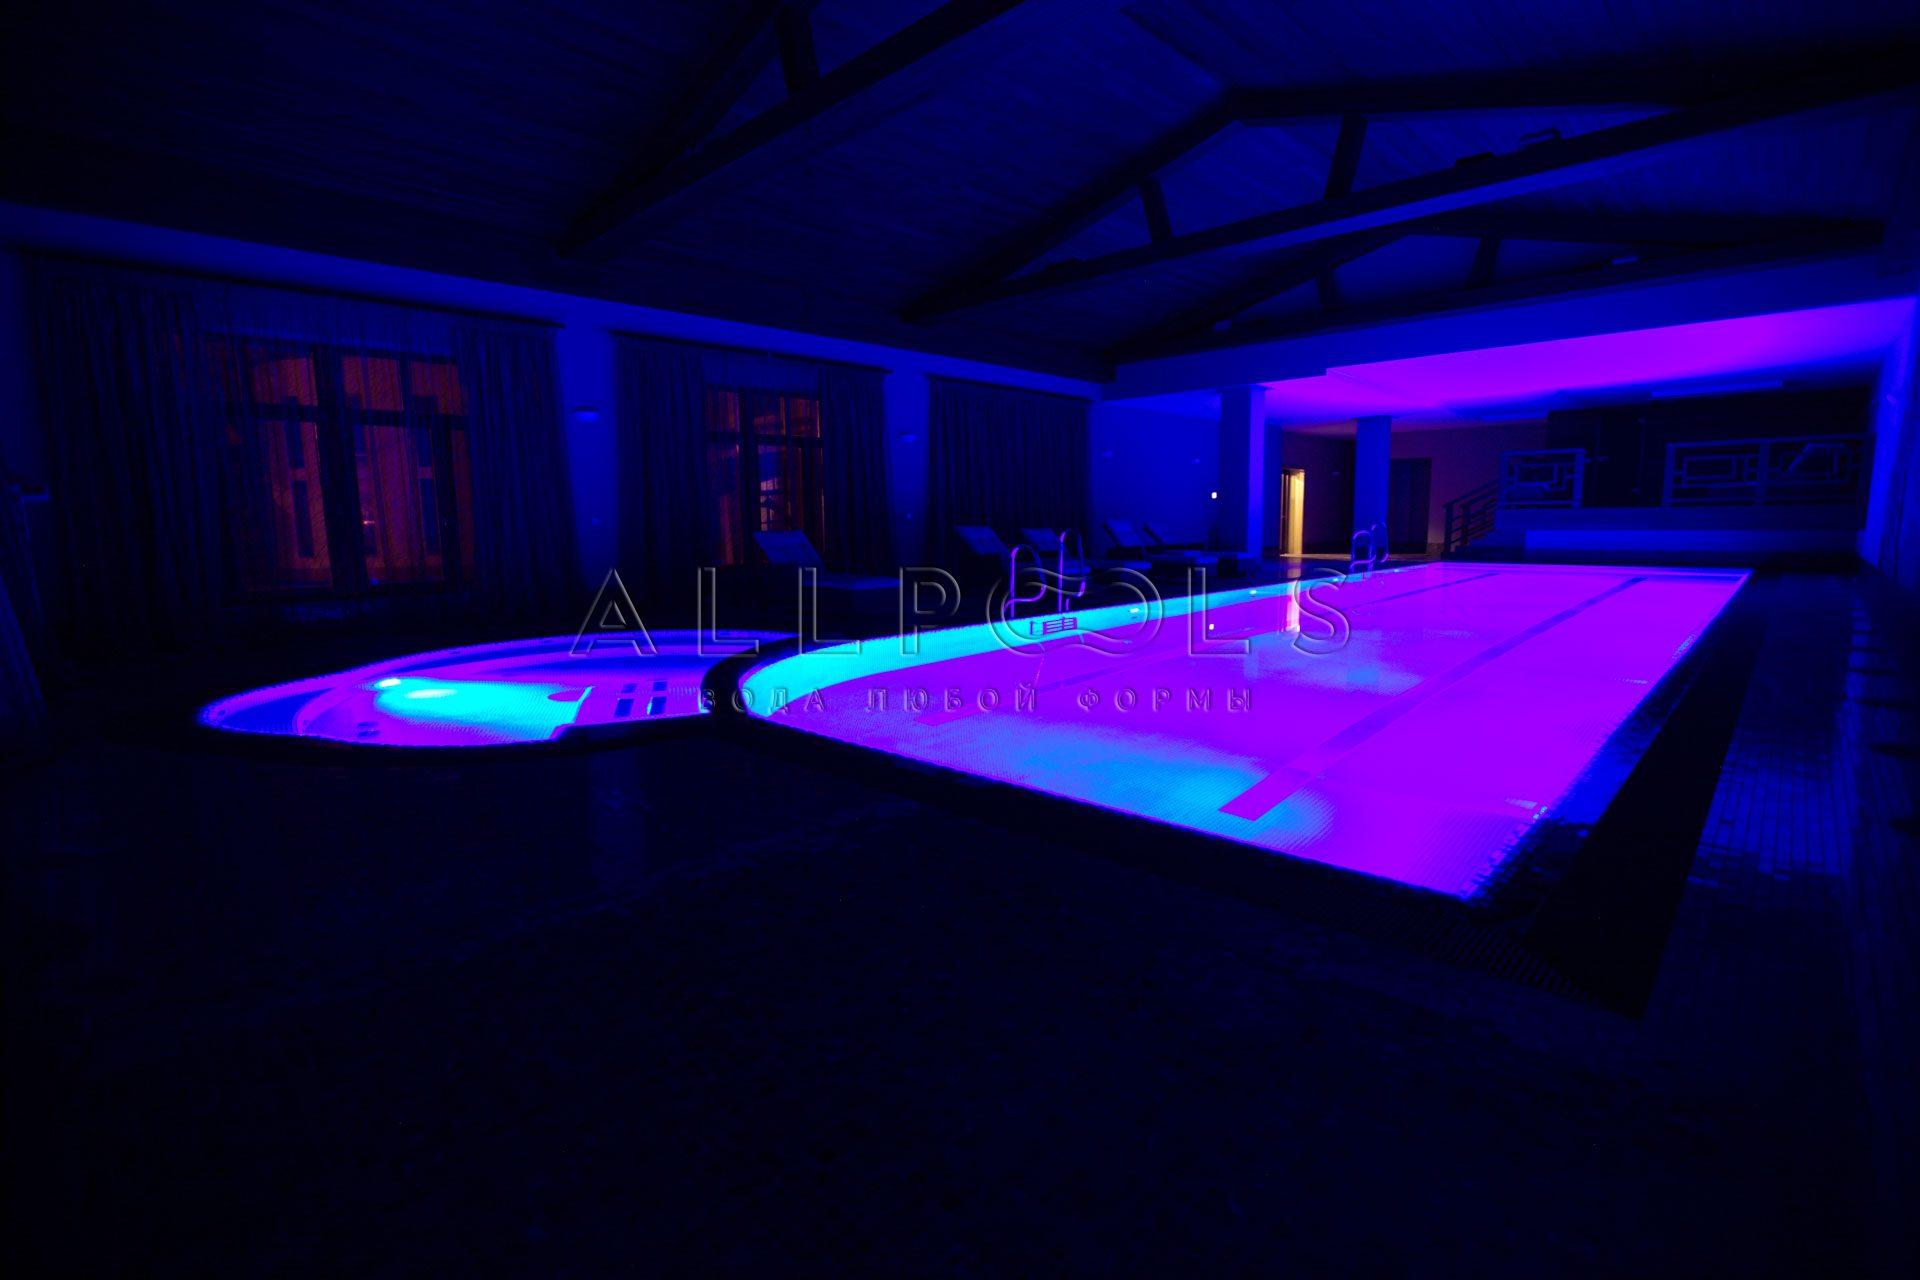 Разноцветное освещение в бассейне с джакузи. Фиолетовый цвет с выключенным светом (в темноте)